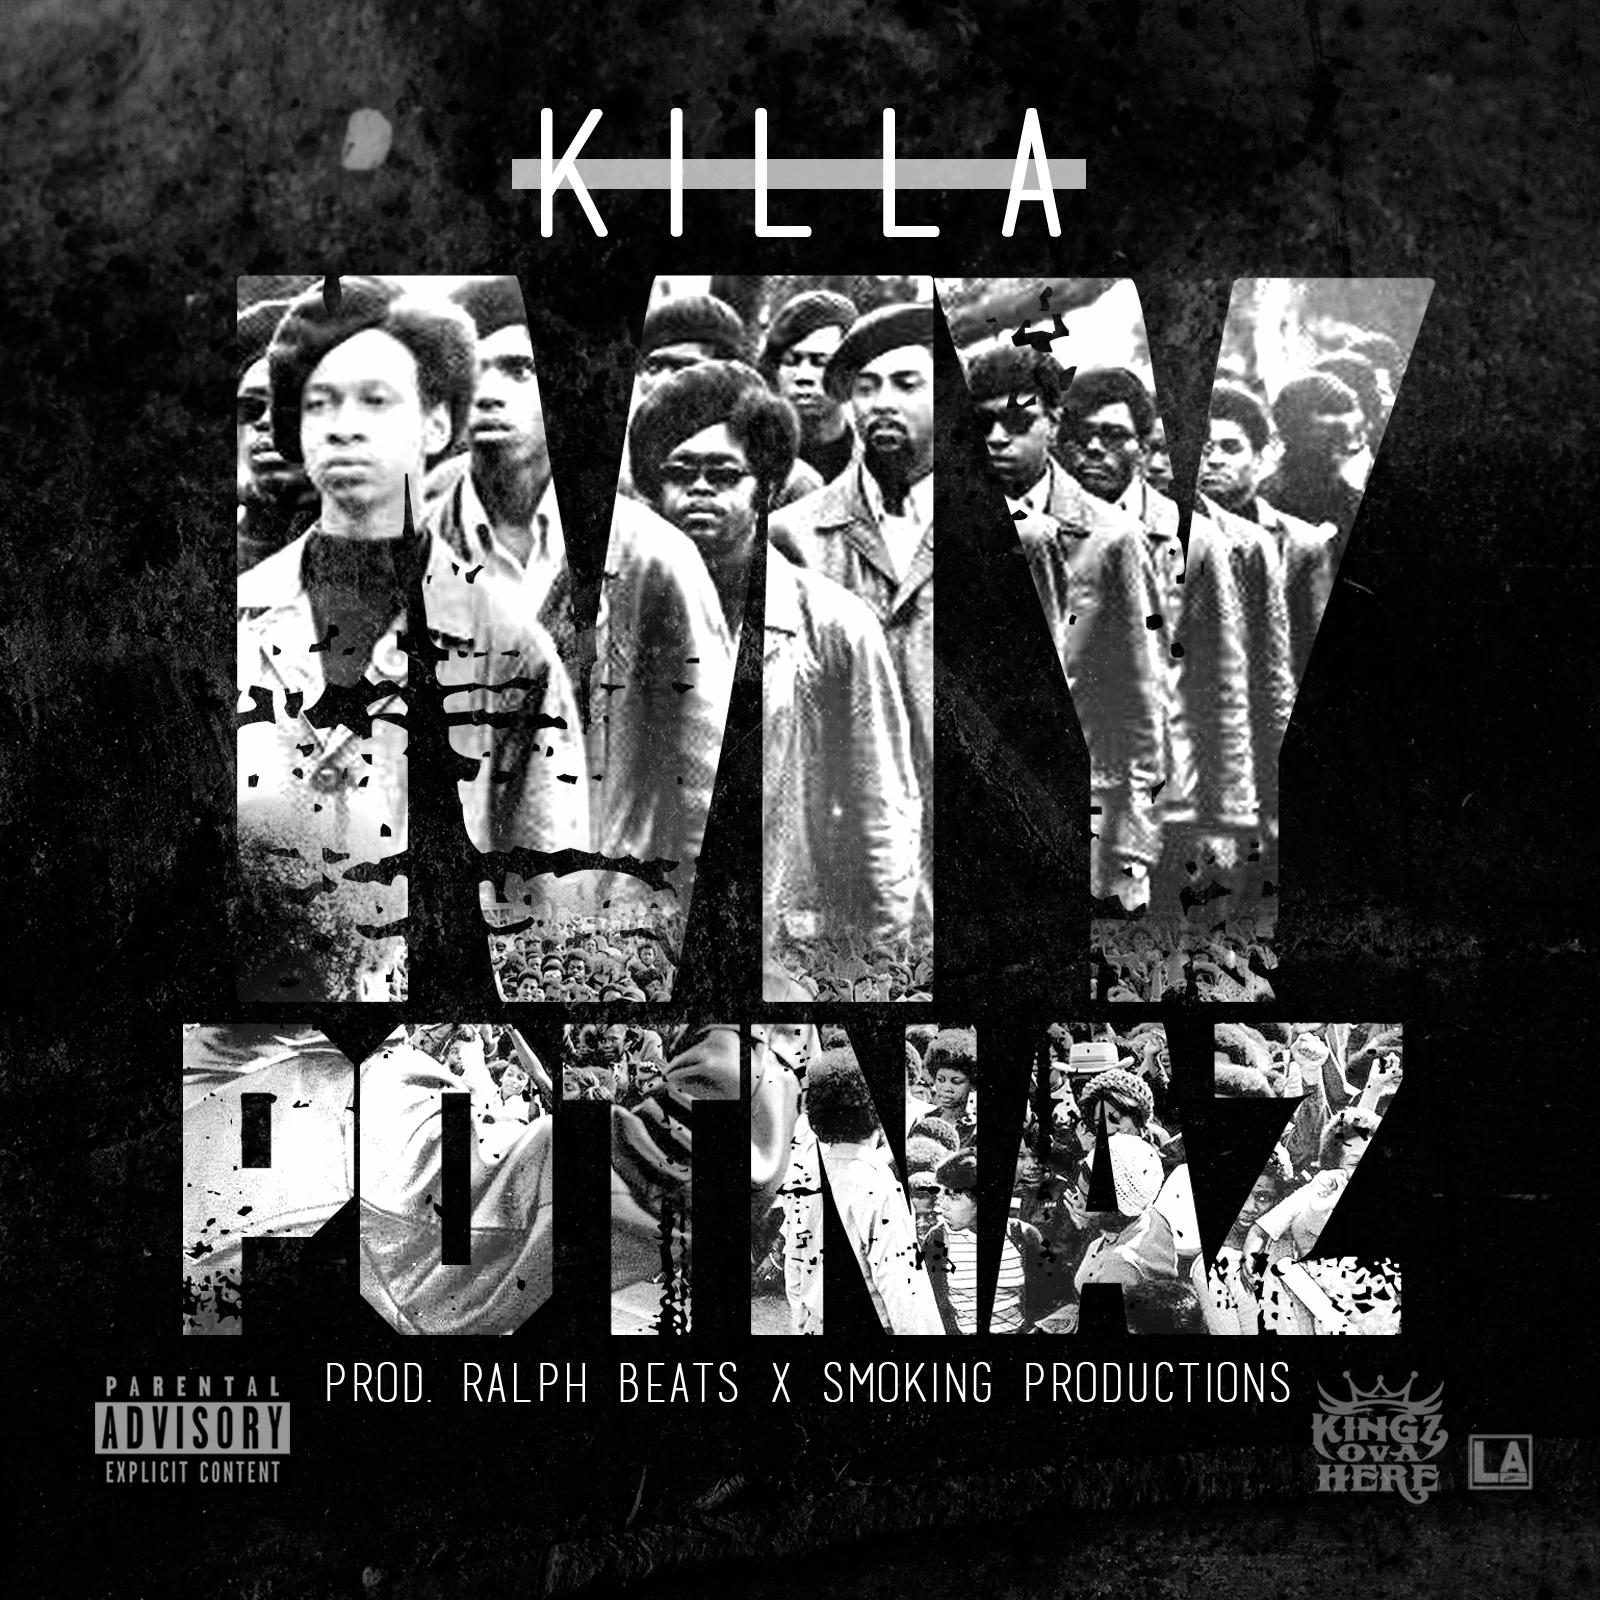 Killa - My Potnaz